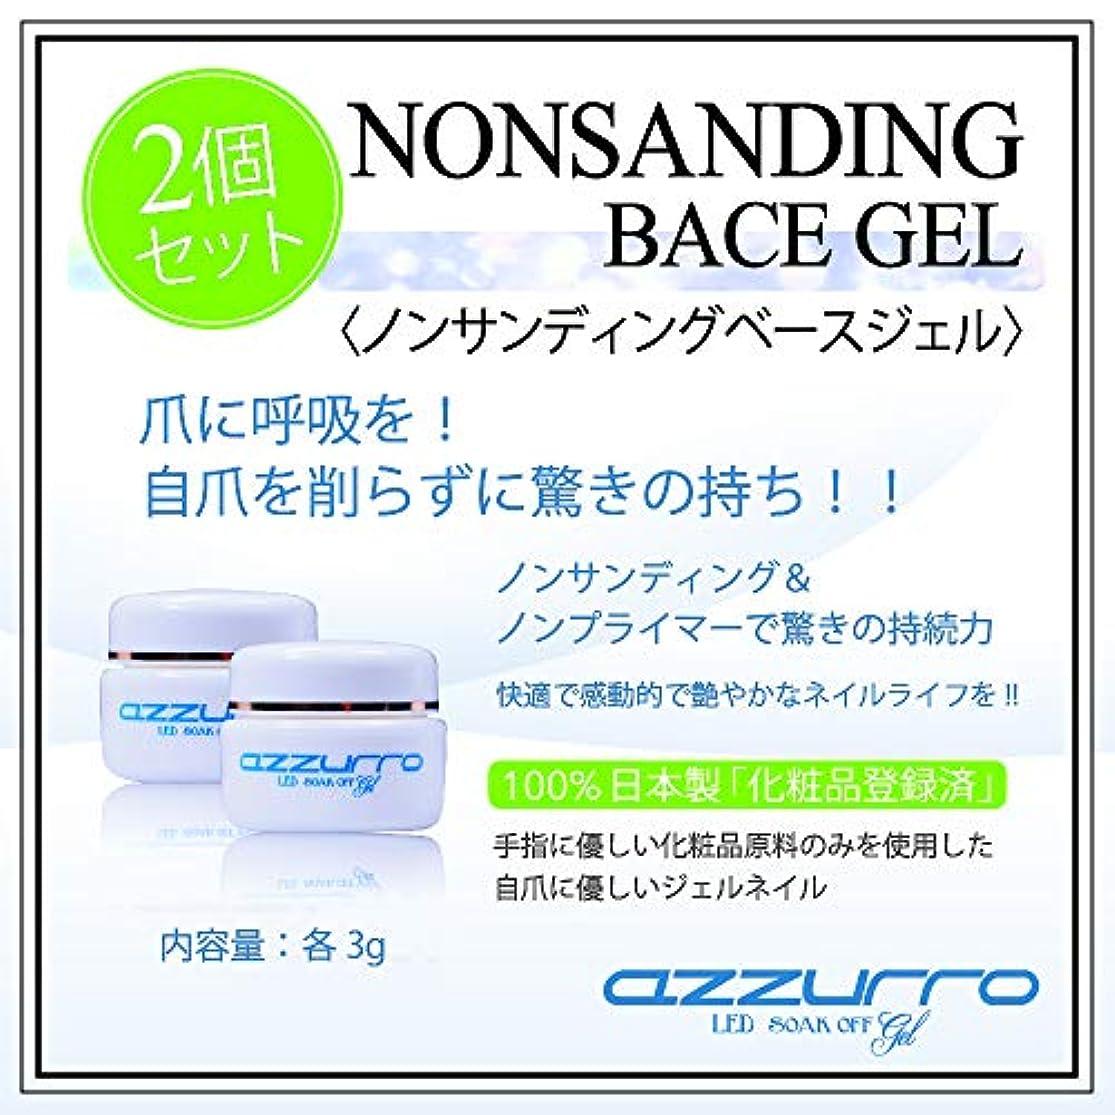 azzurro gel アッズーロノンサンディング ベースジェル お得な2個セット 削らないので爪に優しい 抜群の密着力 リムーバーでオフも簡単 3g